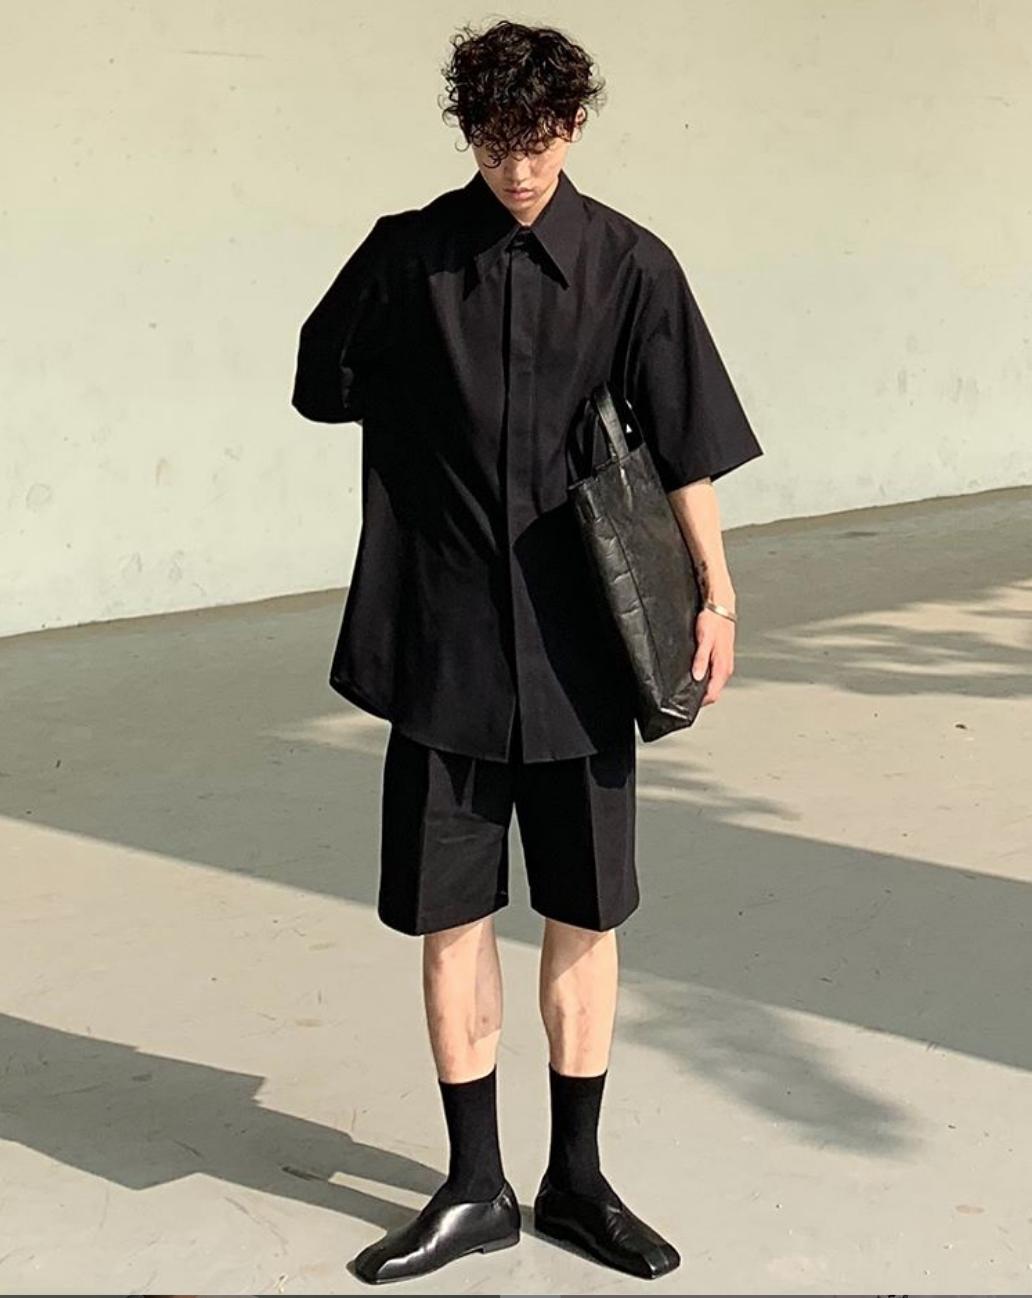 phong cách monochrome-fashionista mặc đồ màu đen